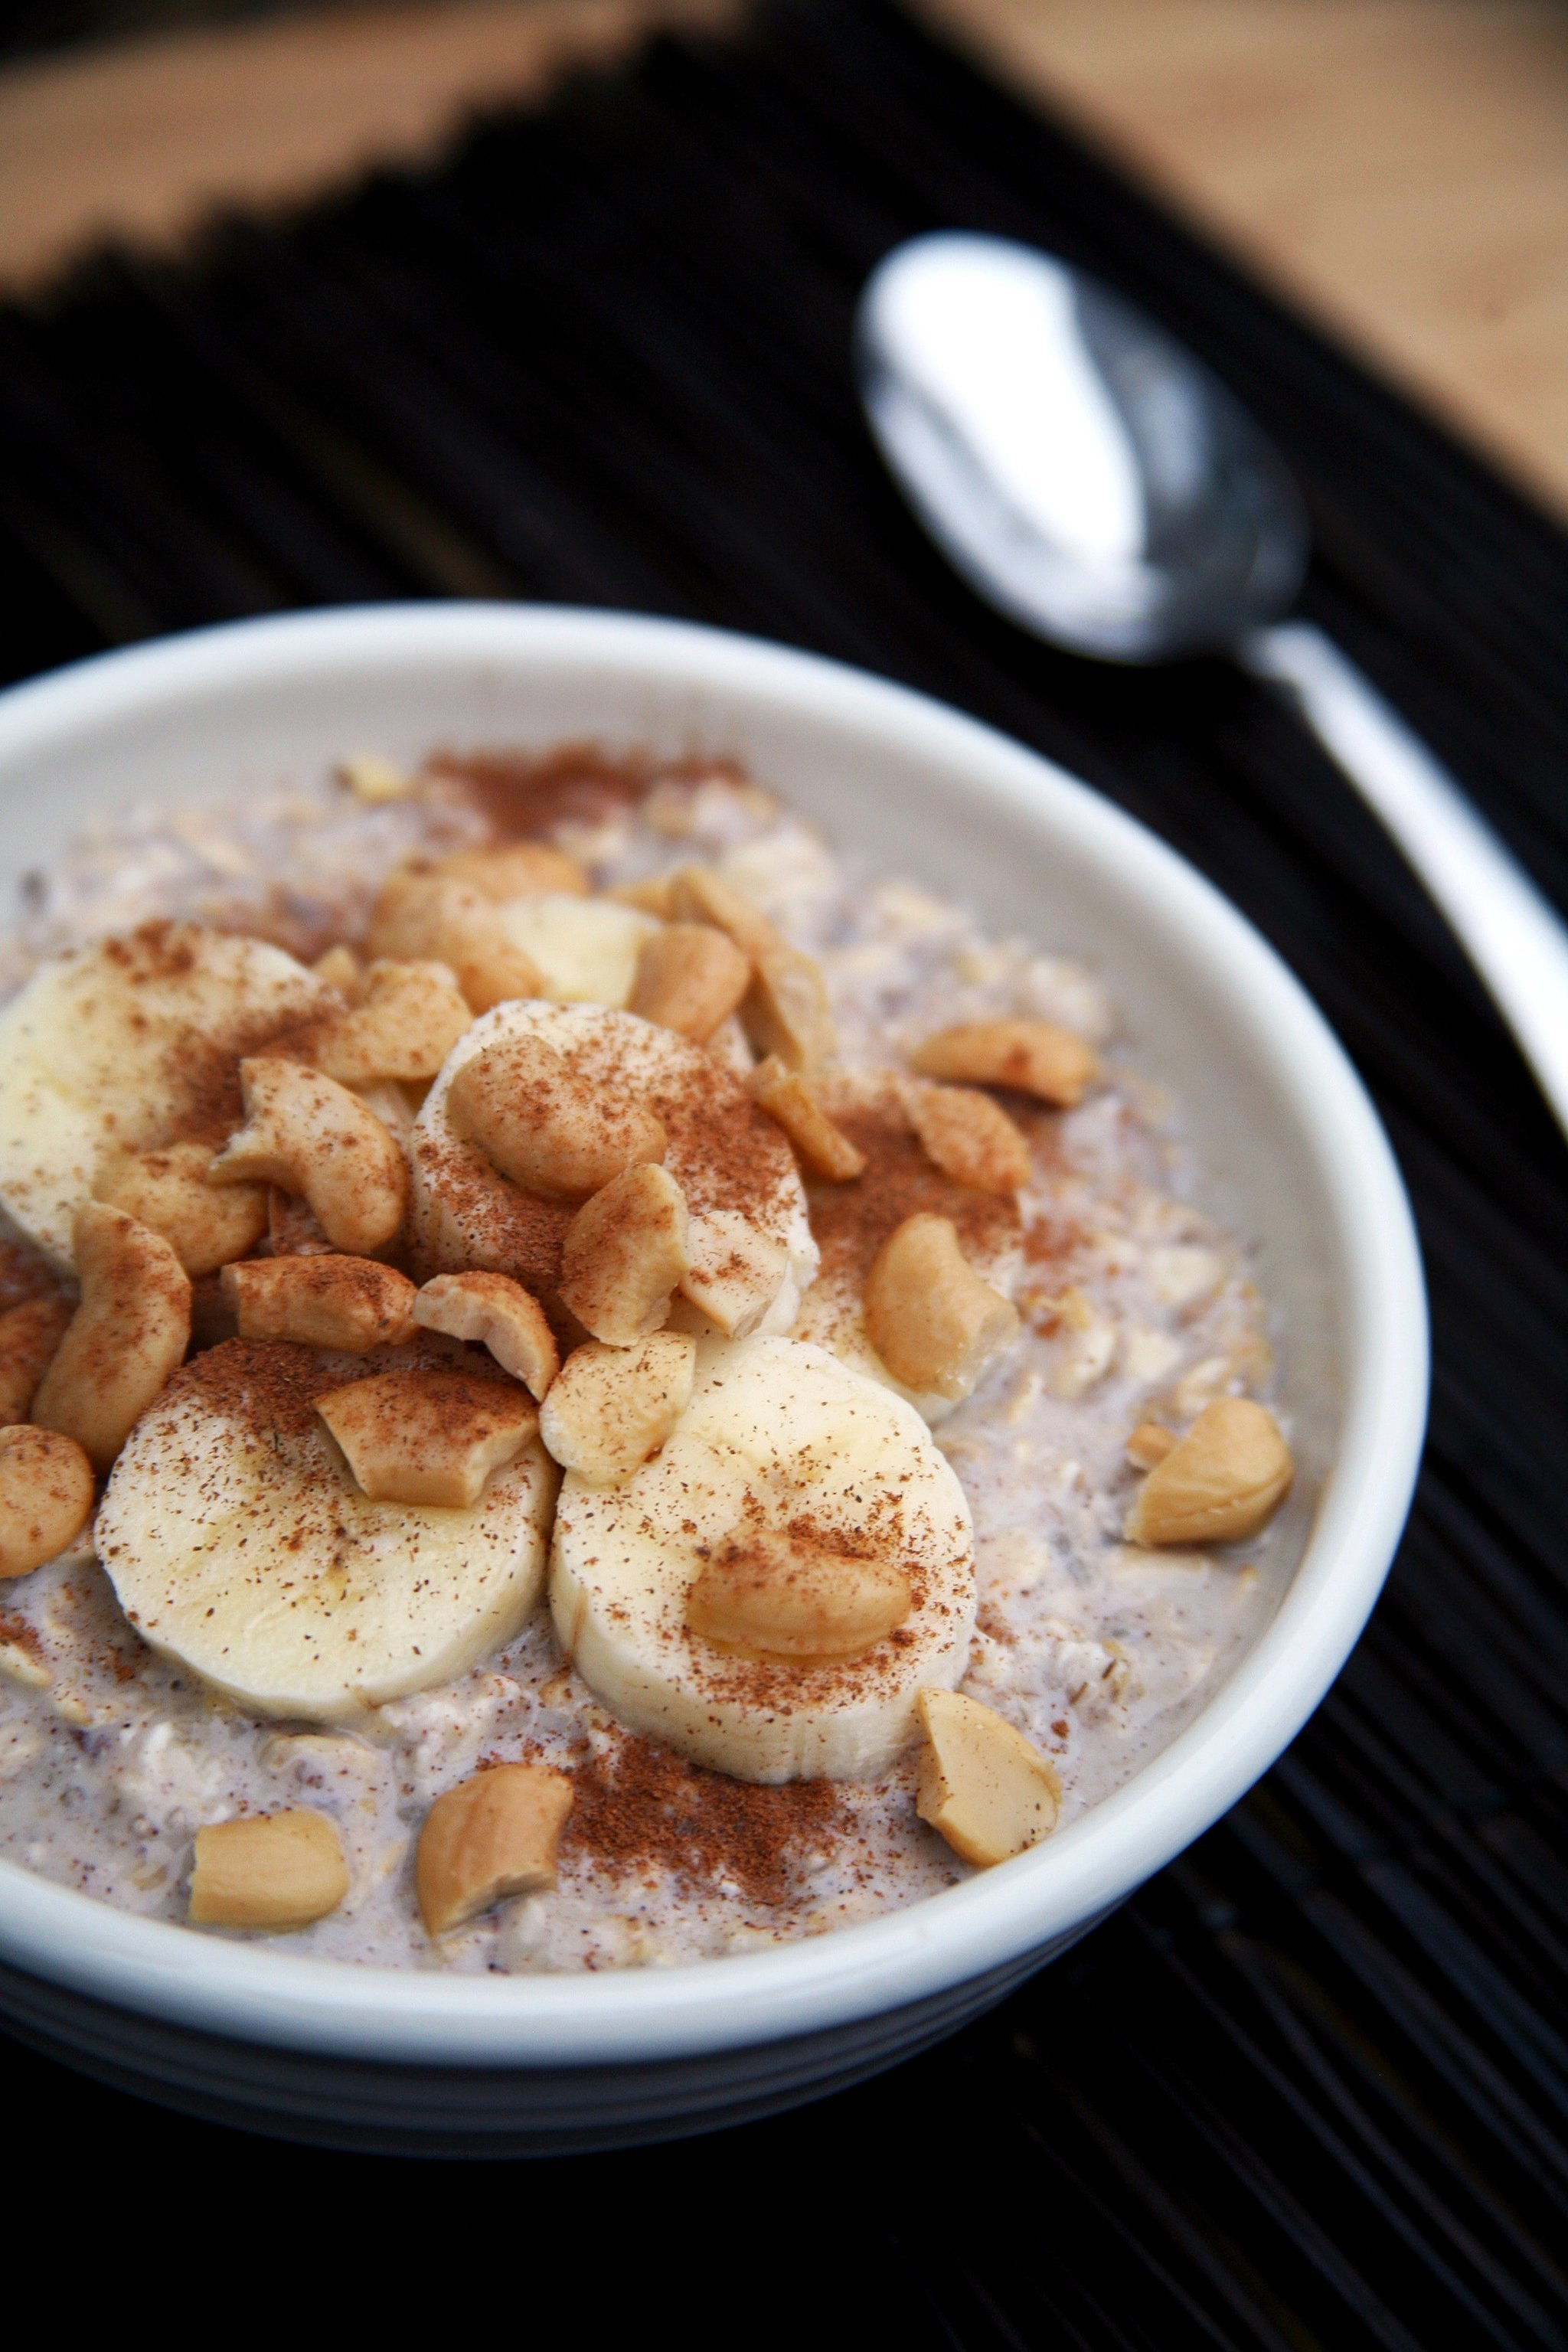 Így lesz a zabkásád igazán fogyókúrás - szuper tippek